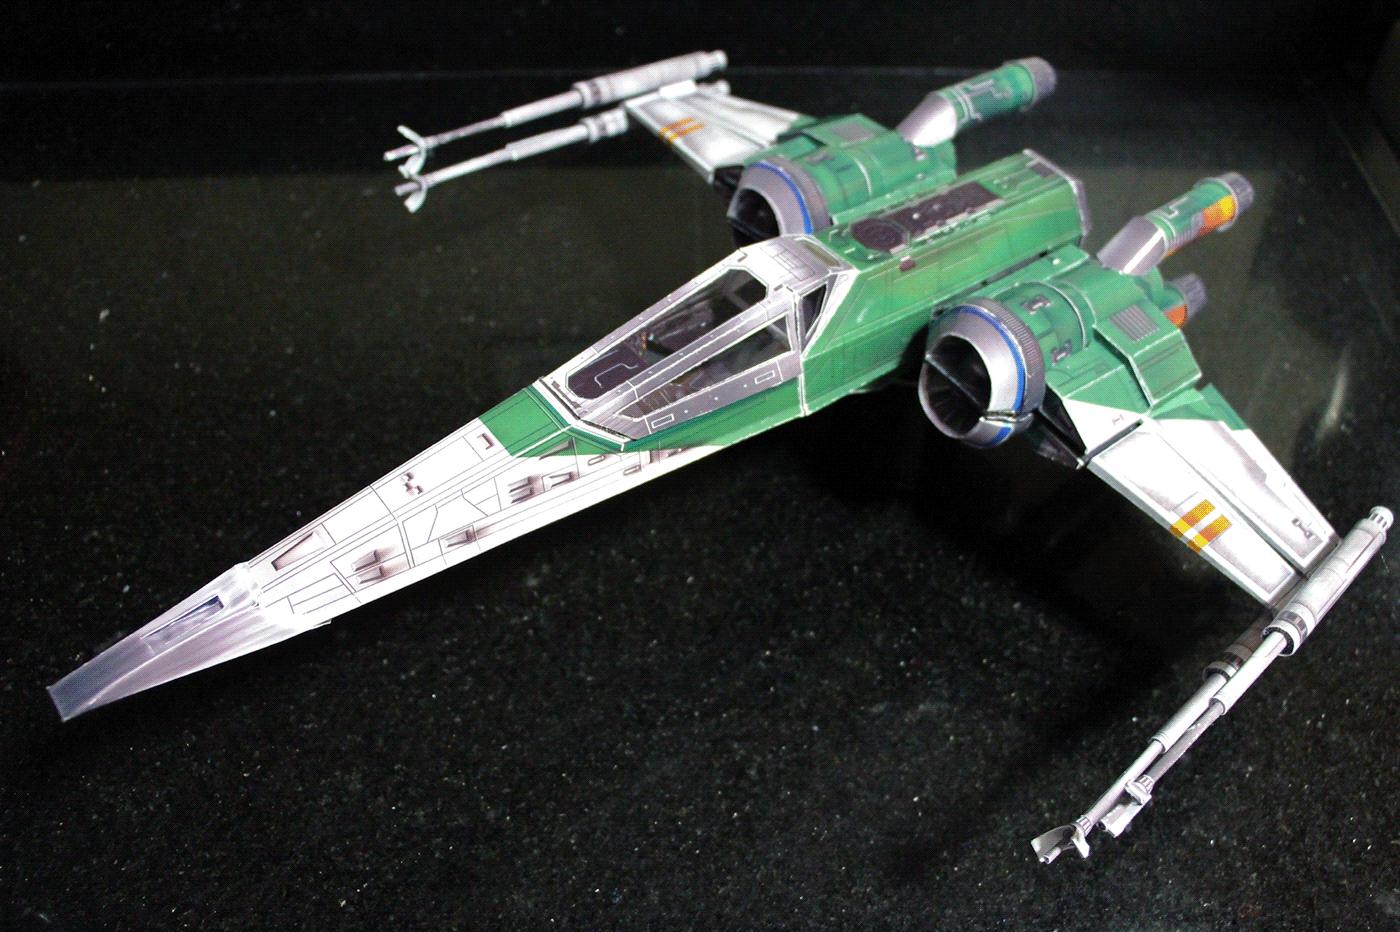 Star Wars X Wing T70 On Behance In 2020 X Wing Star Wars Ships Star Wars